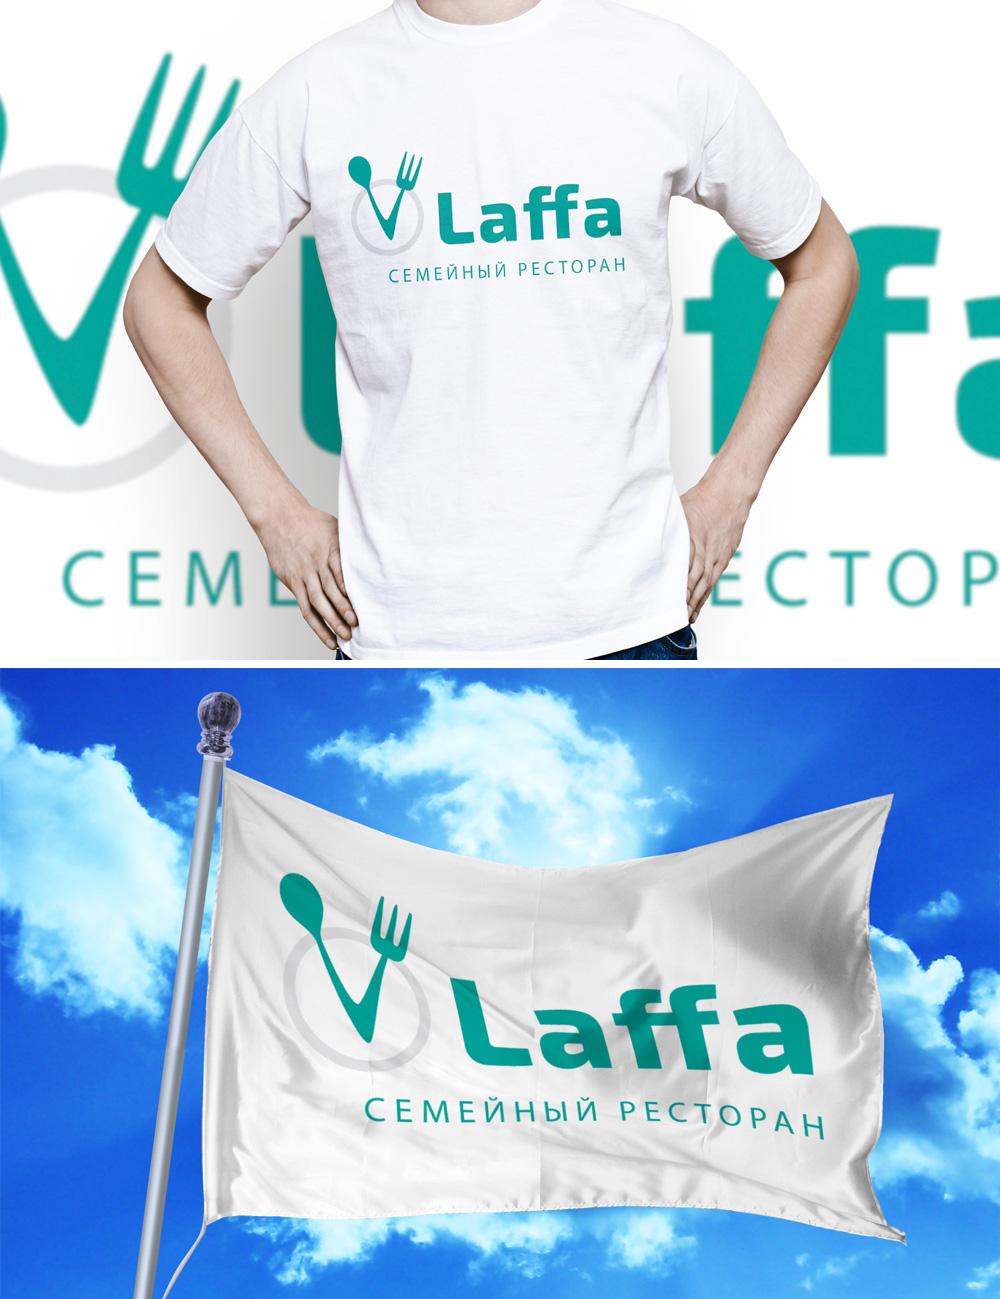 Нужно нарисовать логотип для семейного итальянского ресторан фото f_469554cc17c949c4.jpg